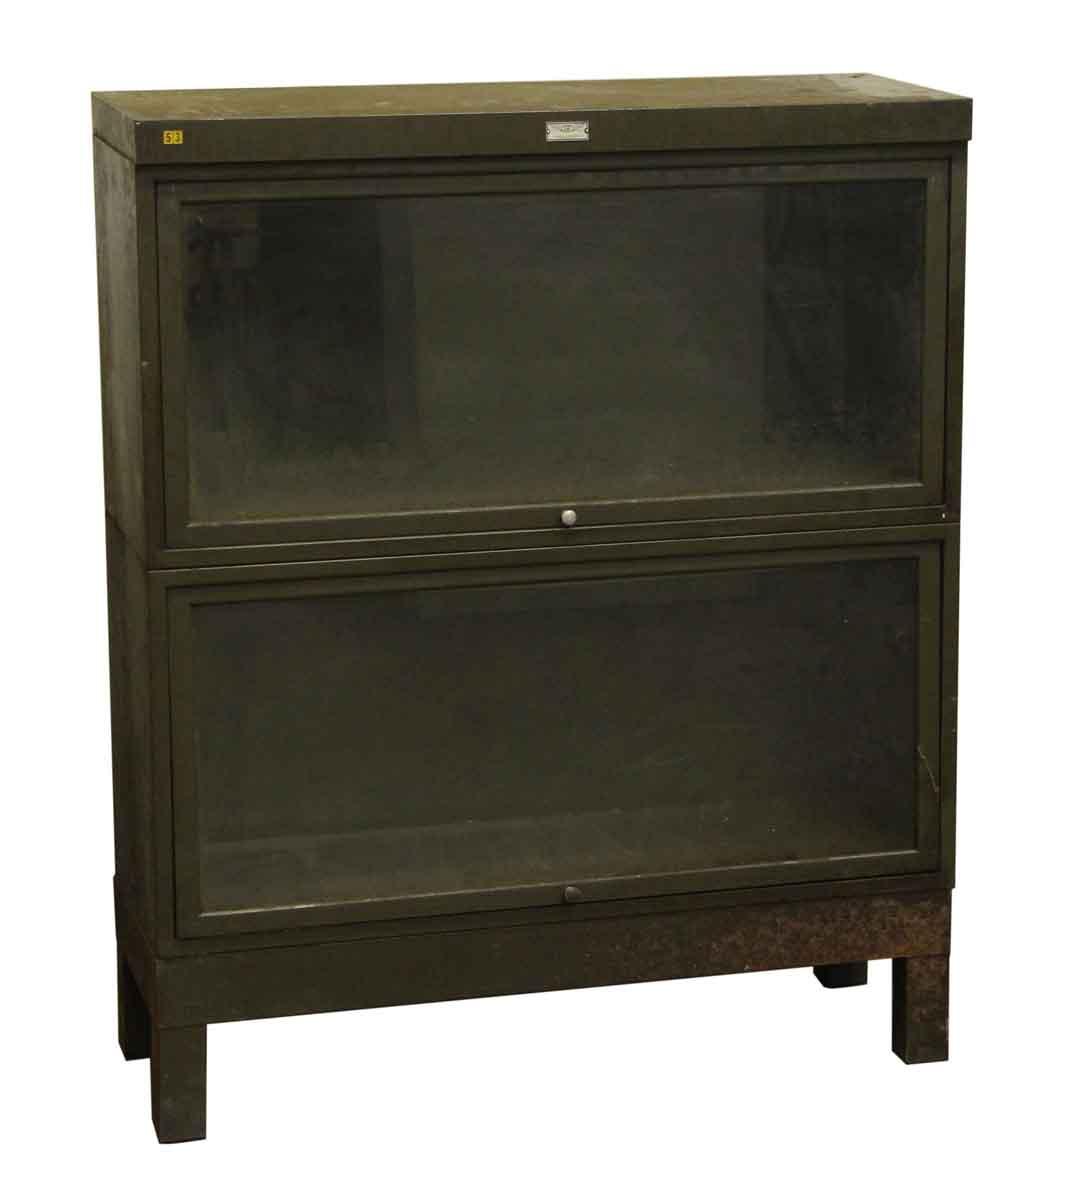 Steel Barrister Bookcase: Vintage Dark Green Steel Barrister Bookcase